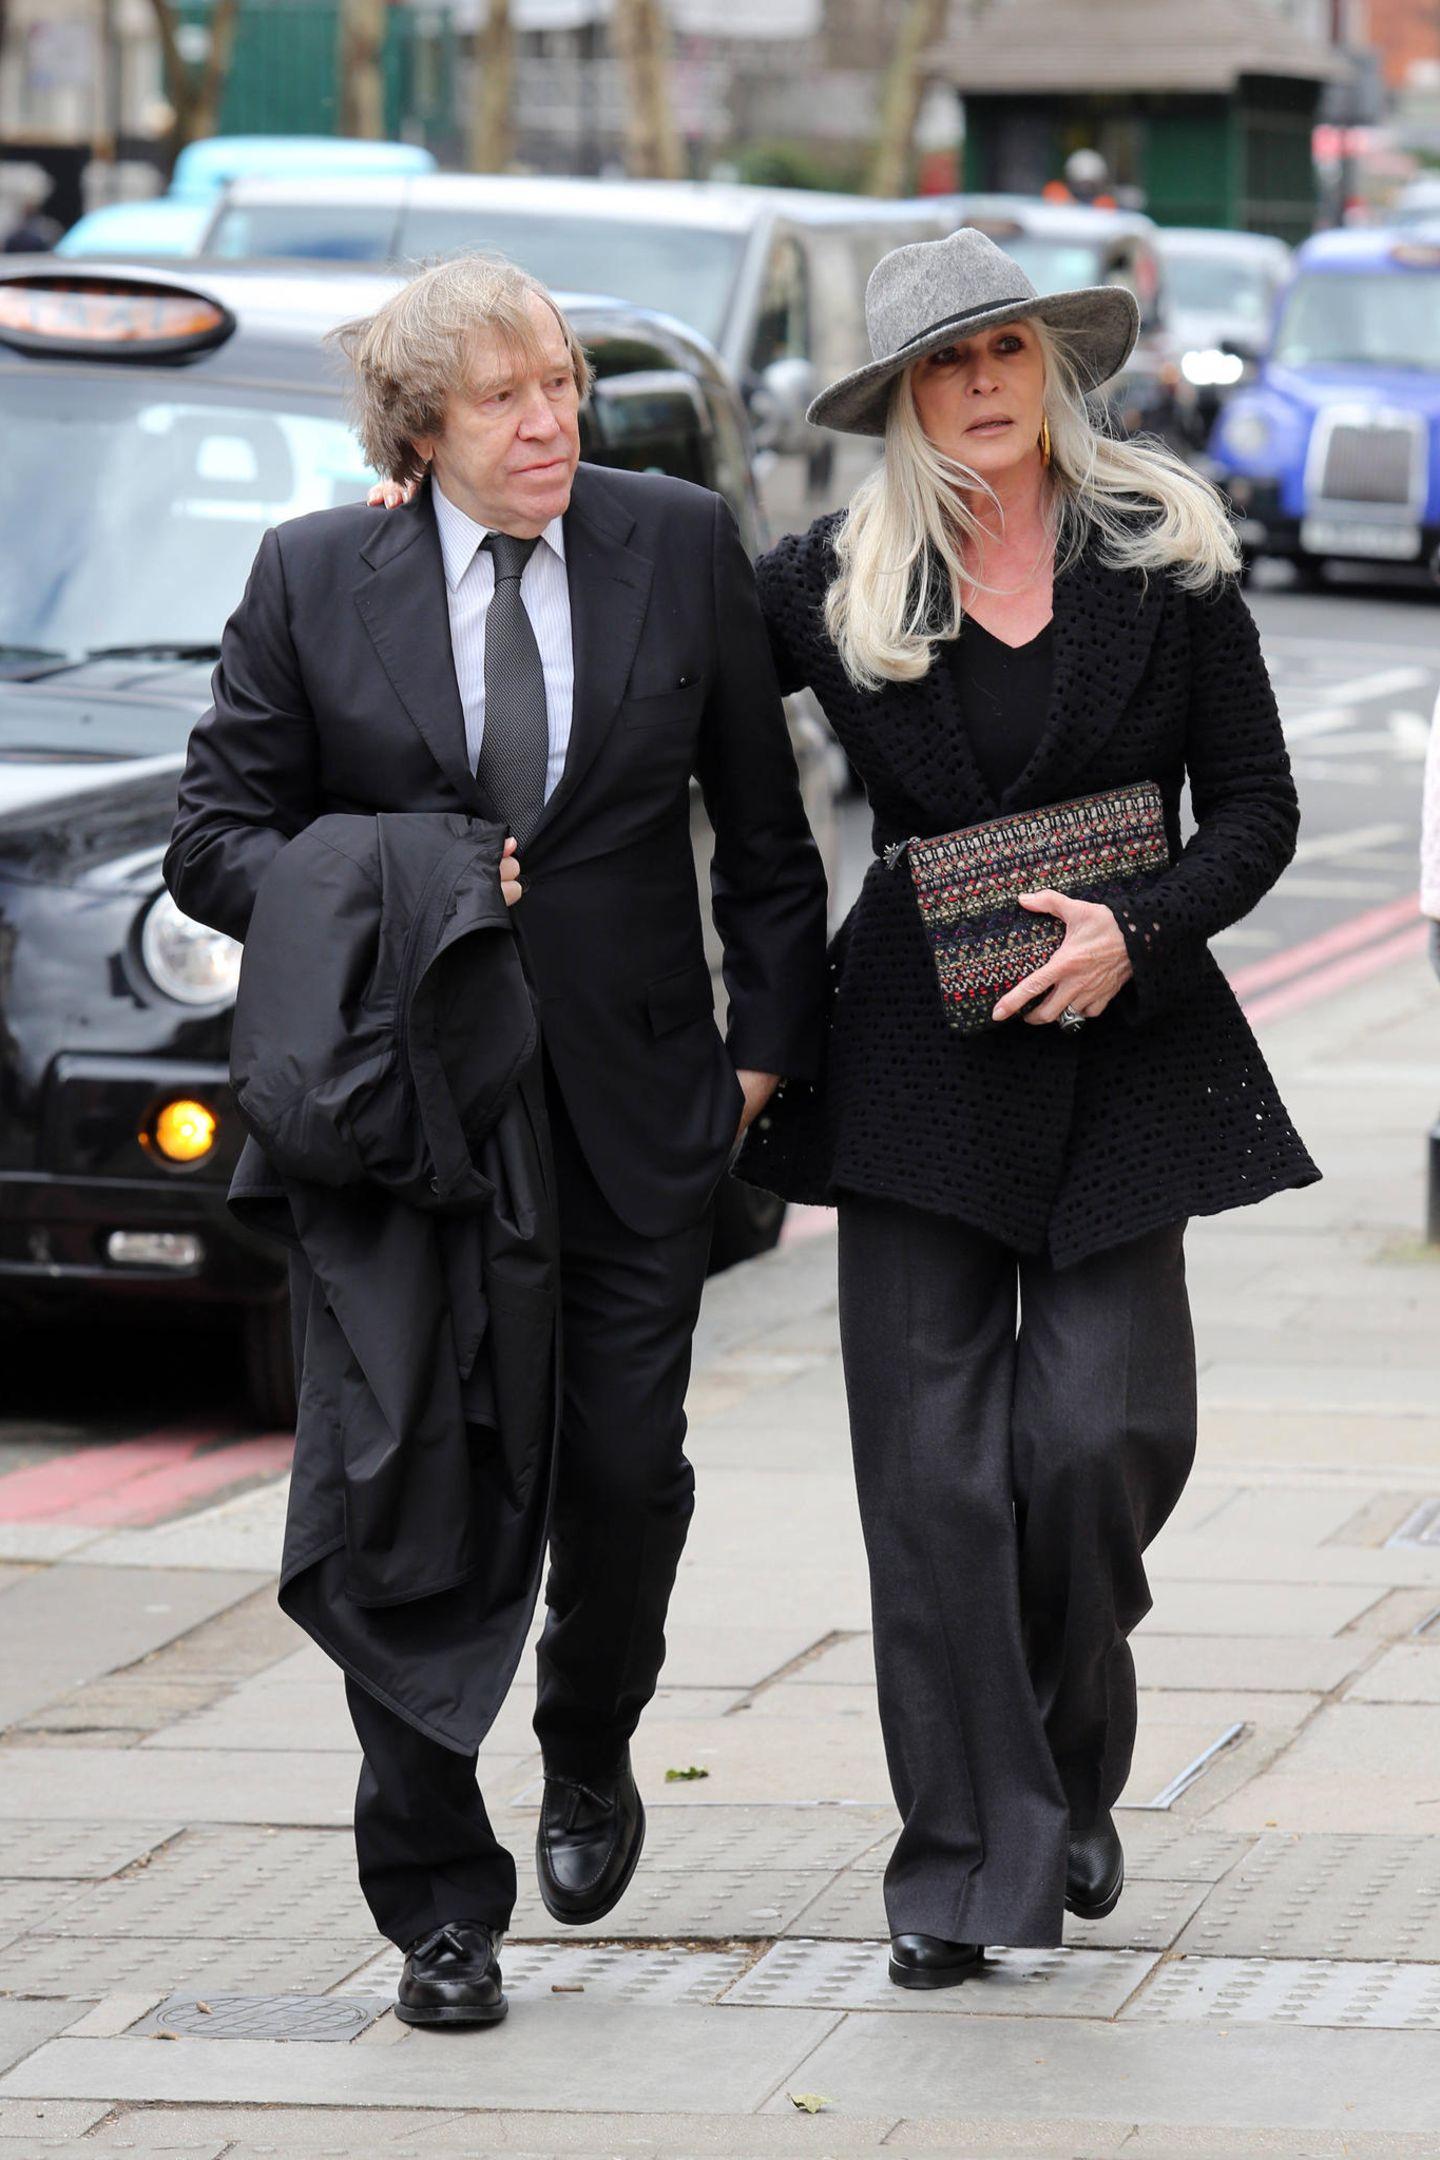 Der frühere Fußballprofi Günter Netzer ist mit seiner Frau Elvira angereist.